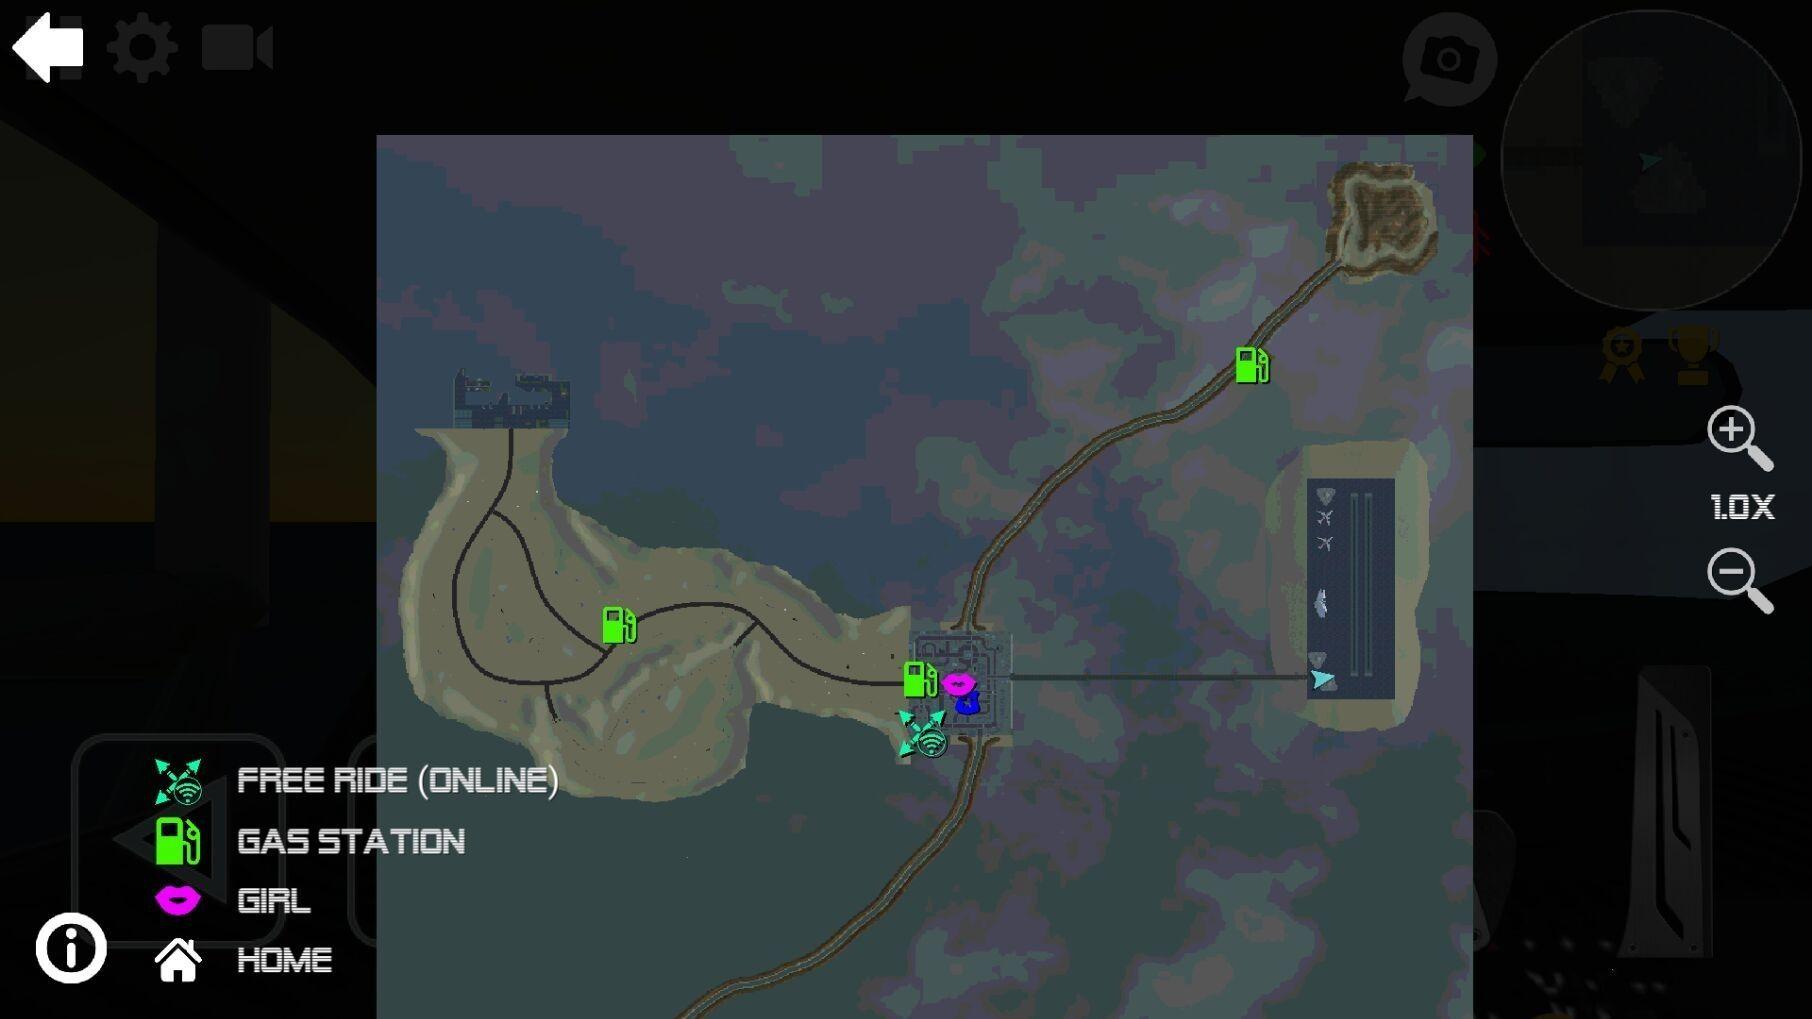 兰博汽车模拟器官方中文版下载正版图3: